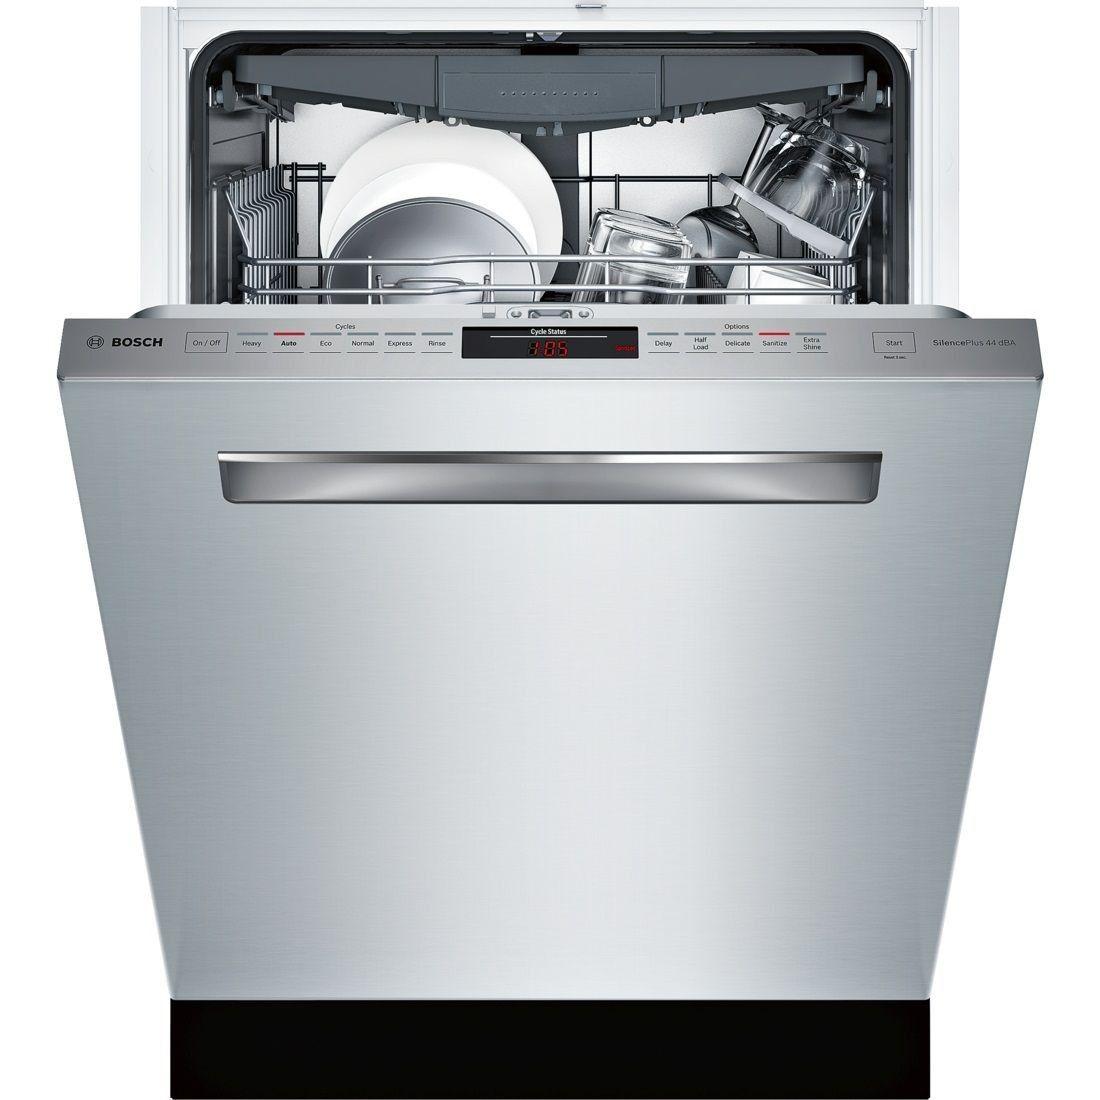 Bosch Dishwasher Built In Dishwasher Best Dishwasher Steel Tub